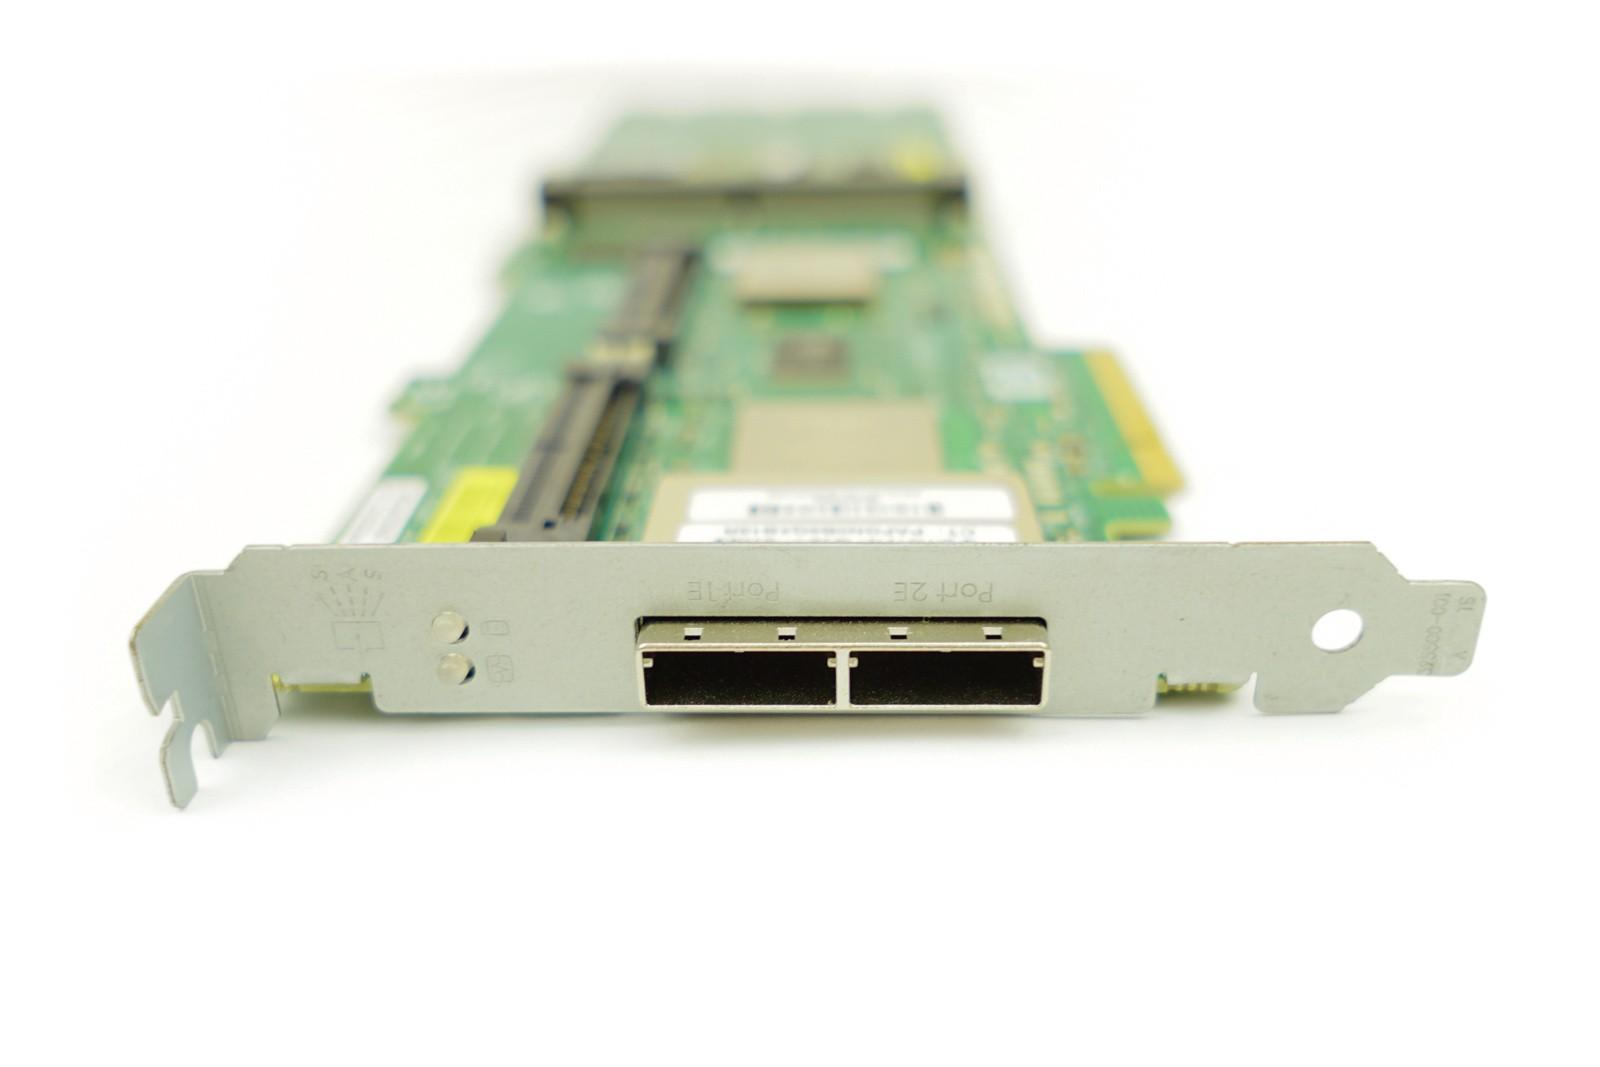 Lot of 2 HP Hewlett Packard 012608-001 398647-001 P800 Smart Array RAID Cards